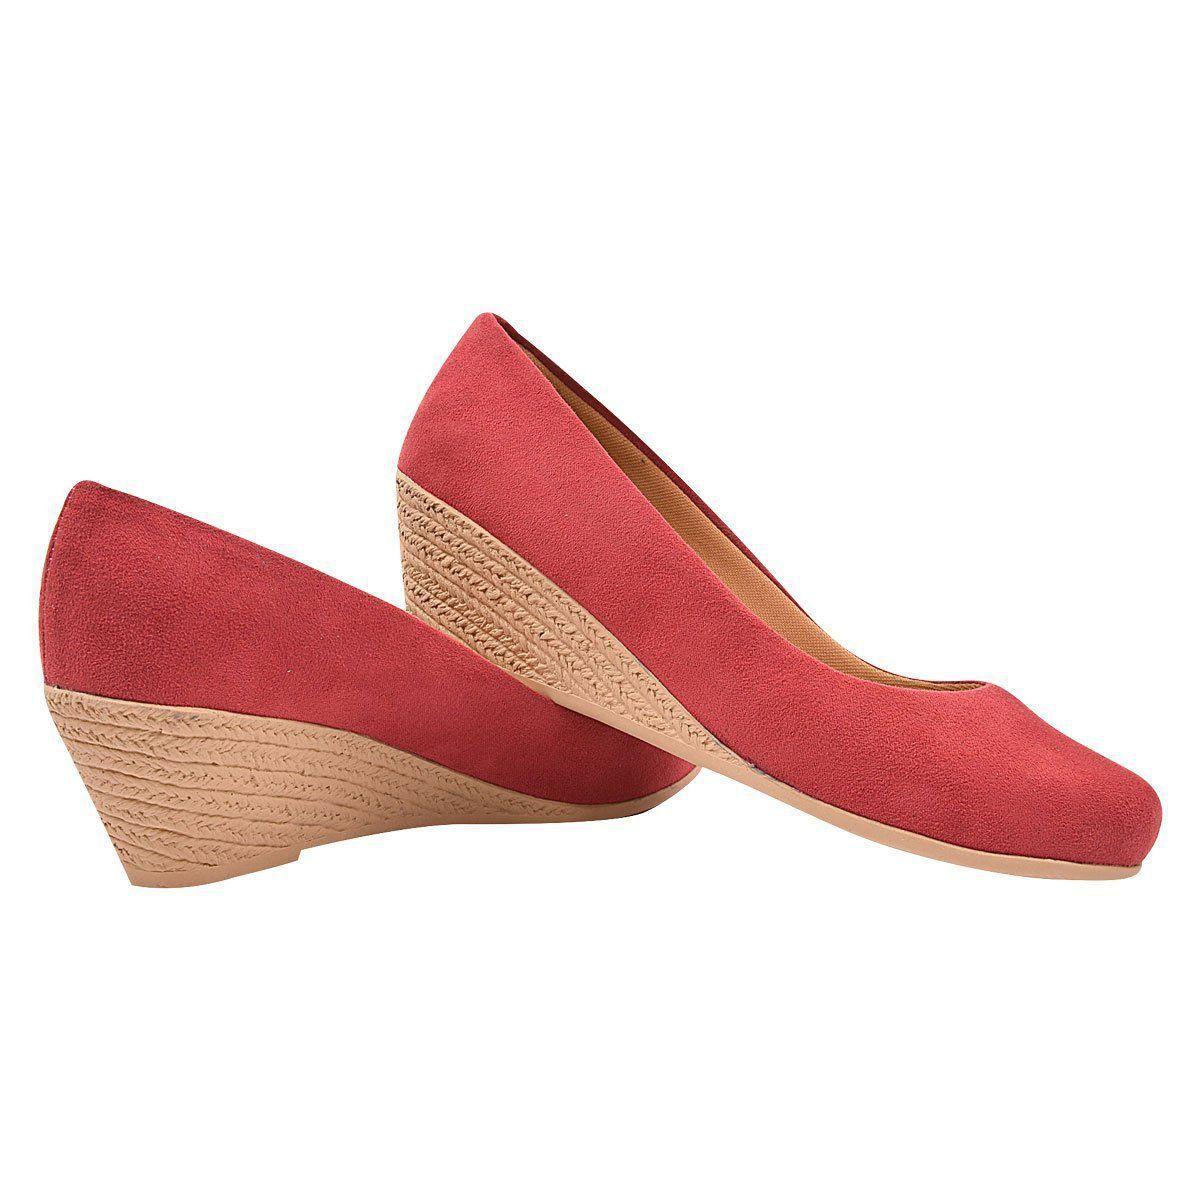 Sapato Chiquiteira Anabela Suede Vermelho WLN